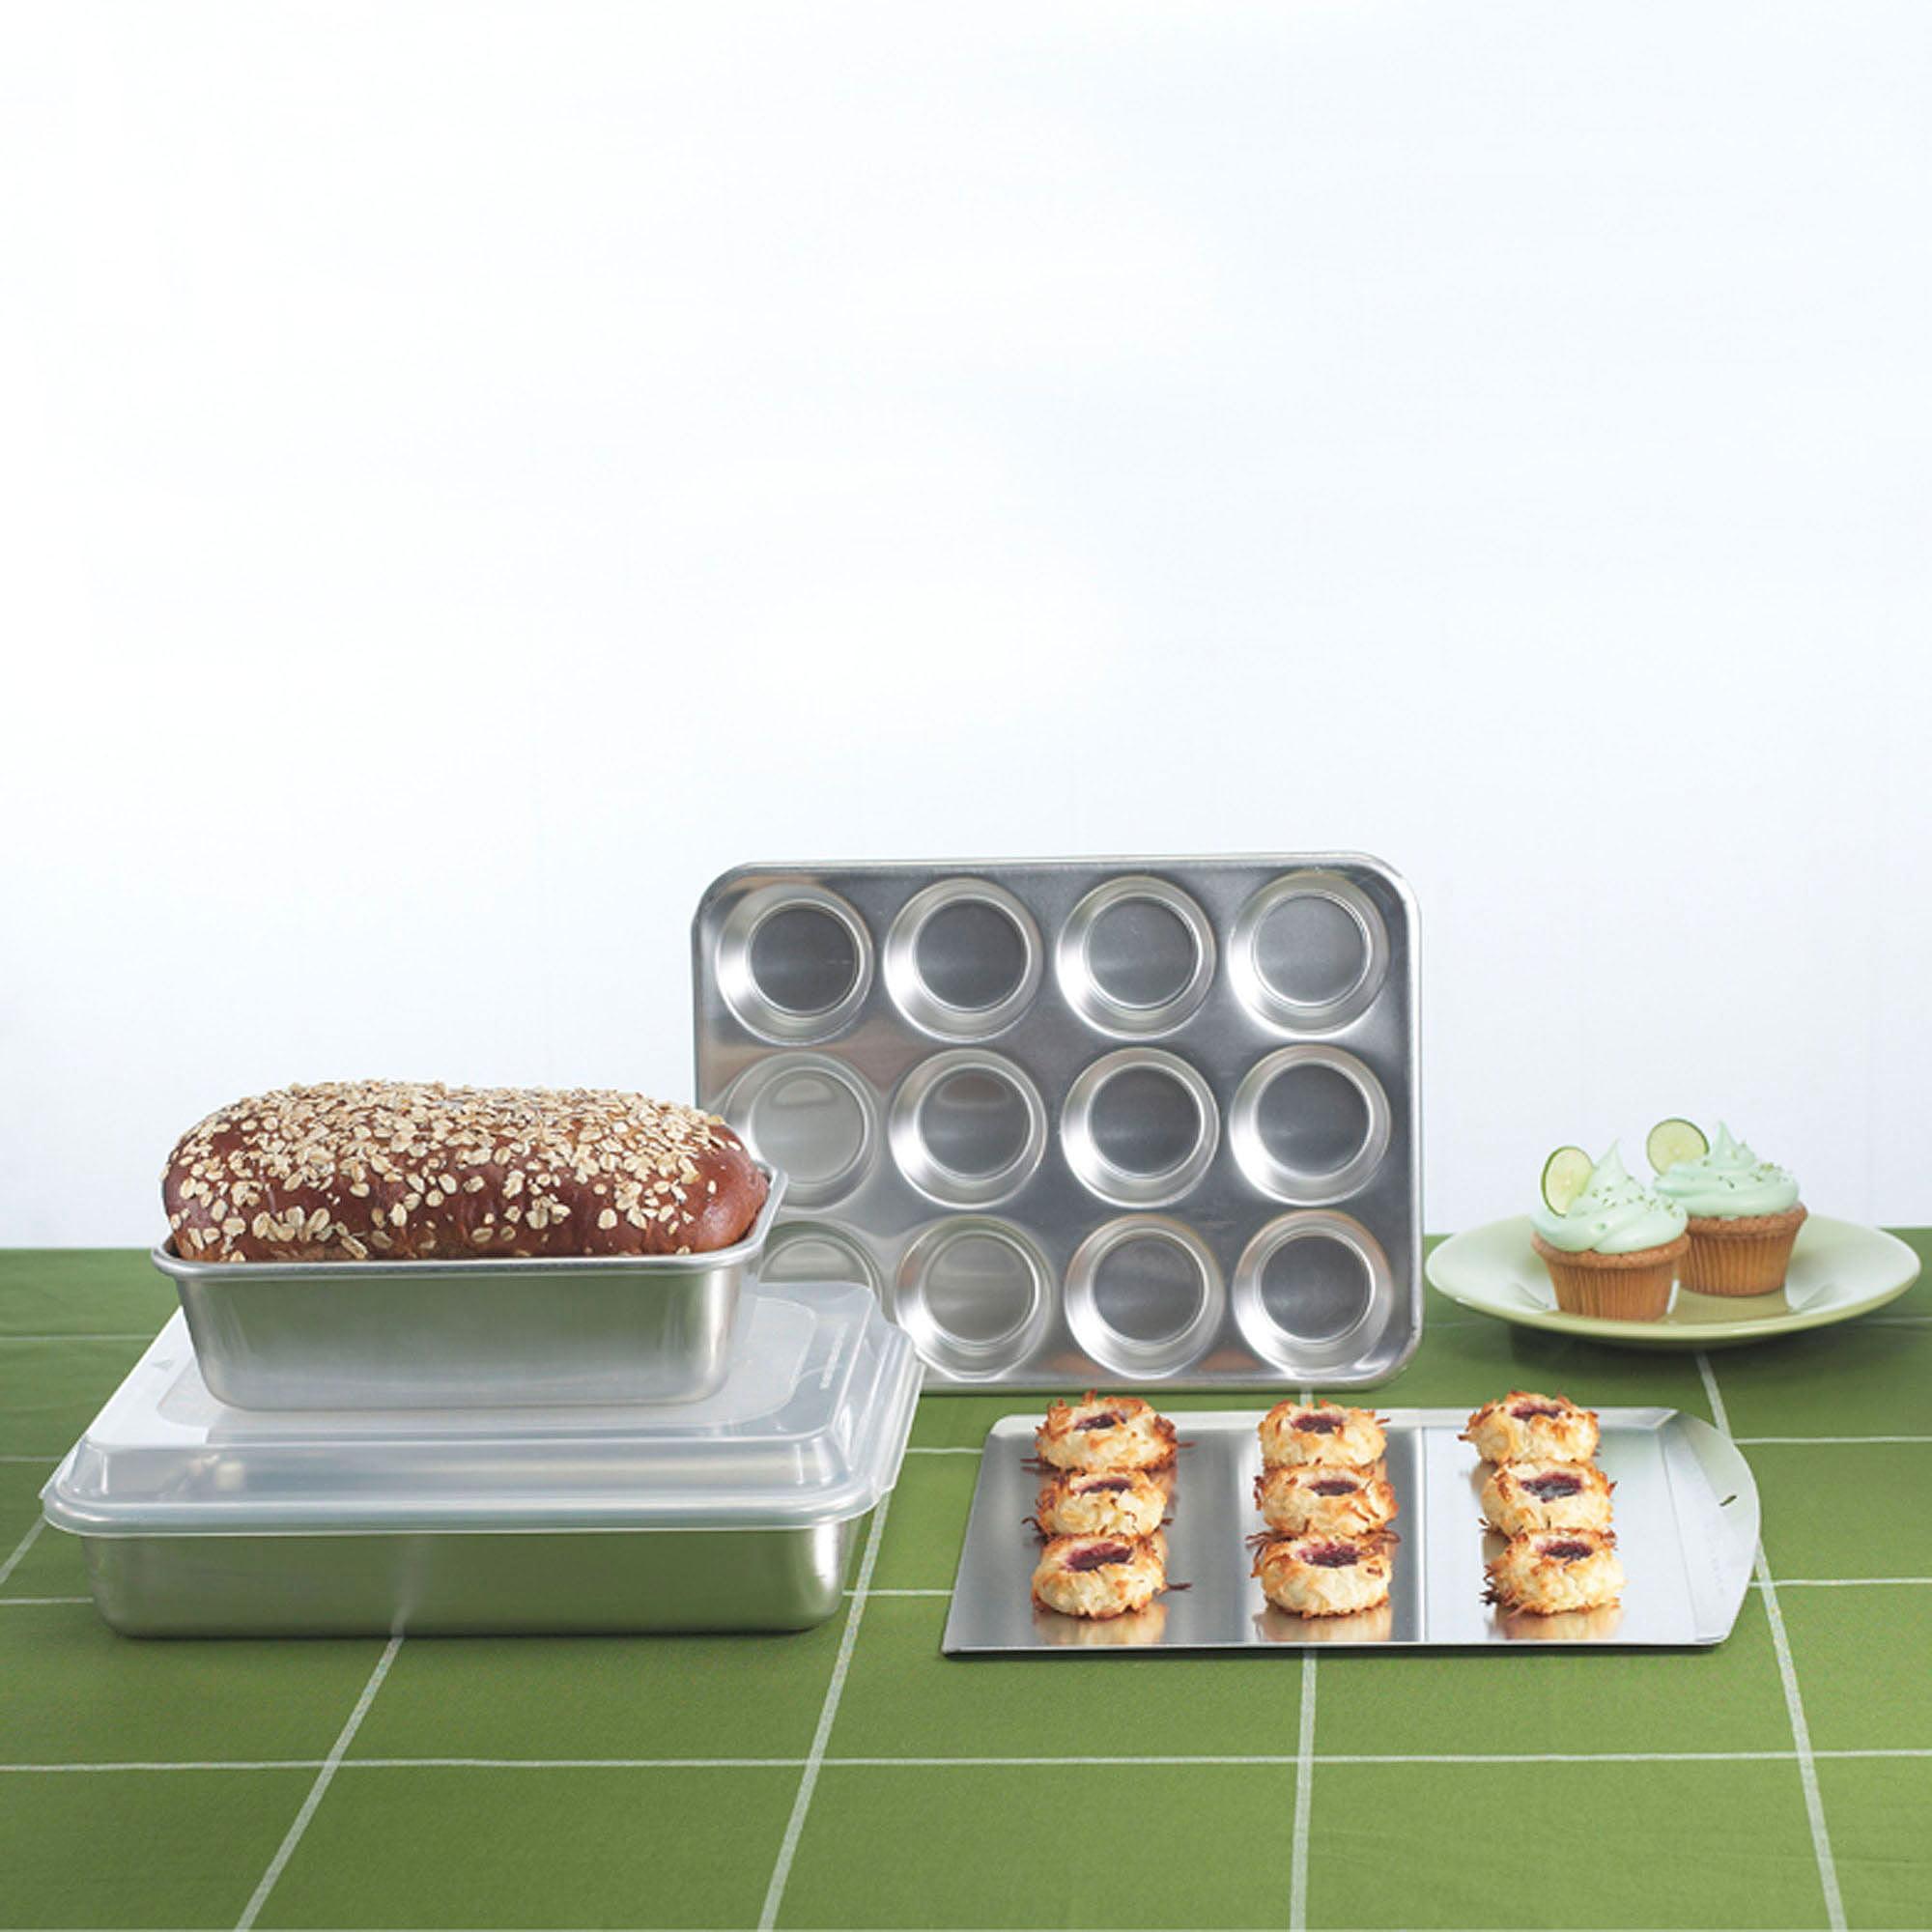 Nordic Ware 5-Piece Baking Set